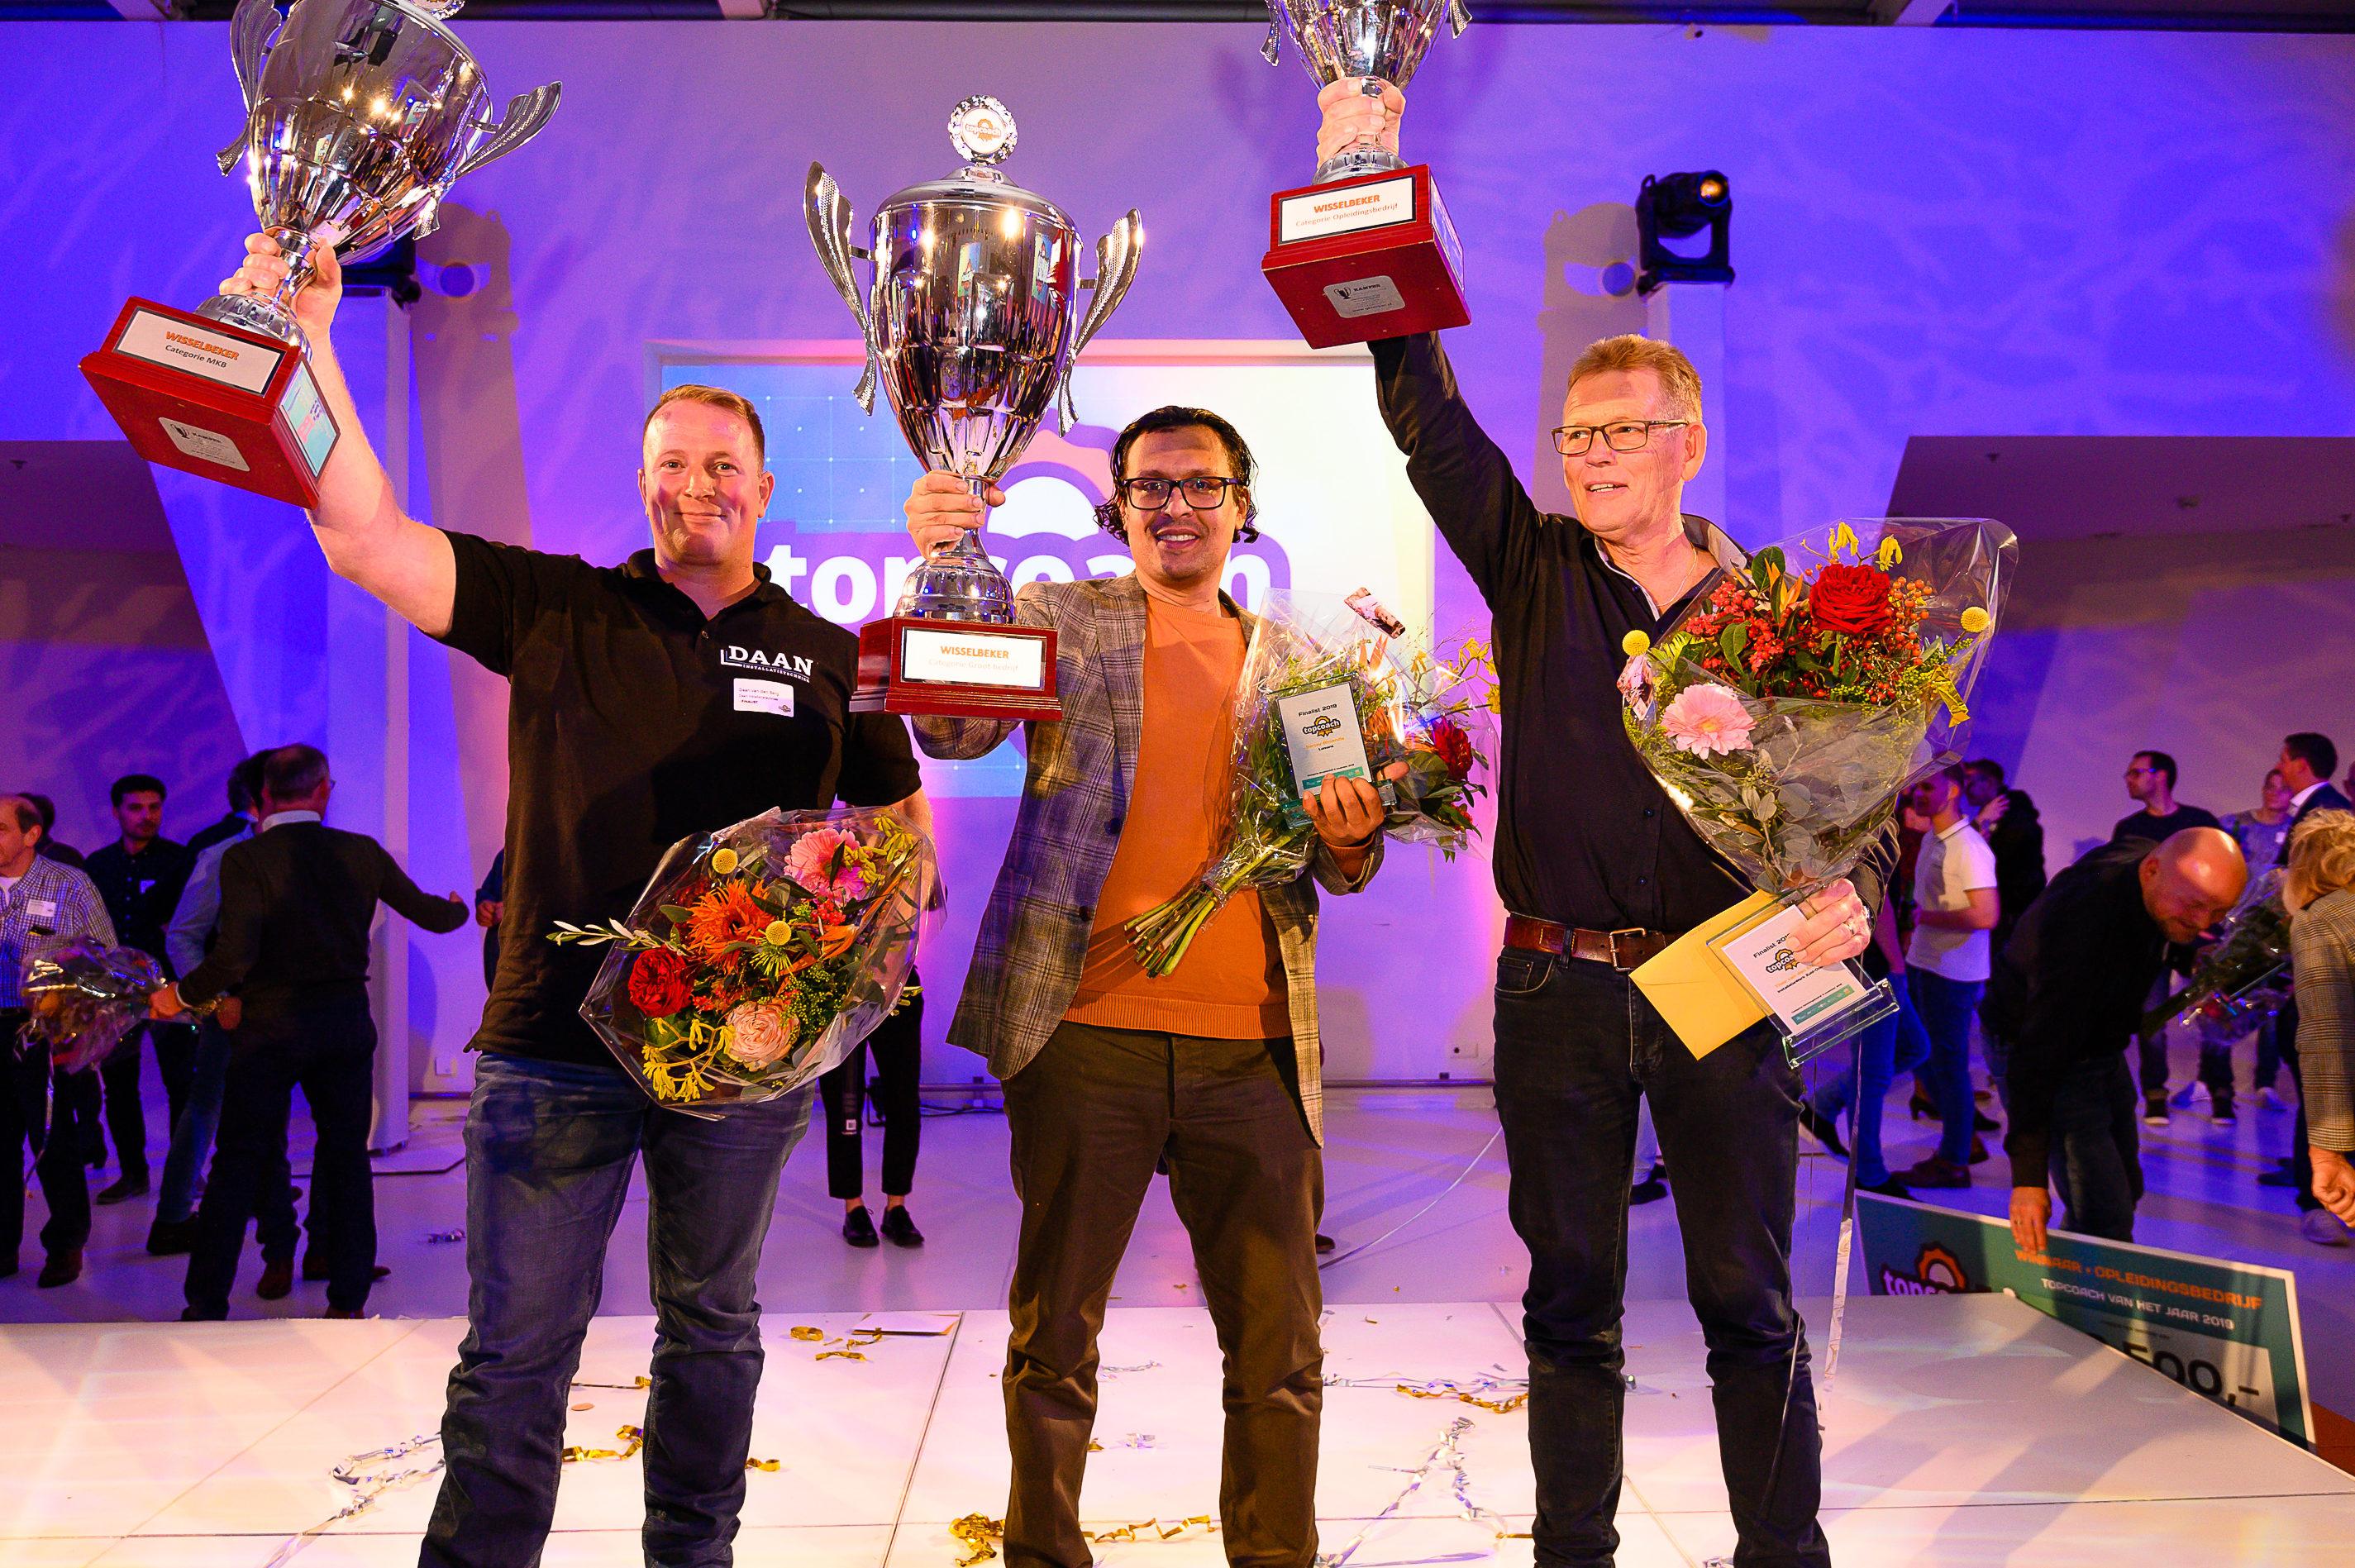 Sanjay Bhoendie, Daan van den Berg en Theo van den Elzen topcoaches van het jaar 2019 - installatiejournaal.nl